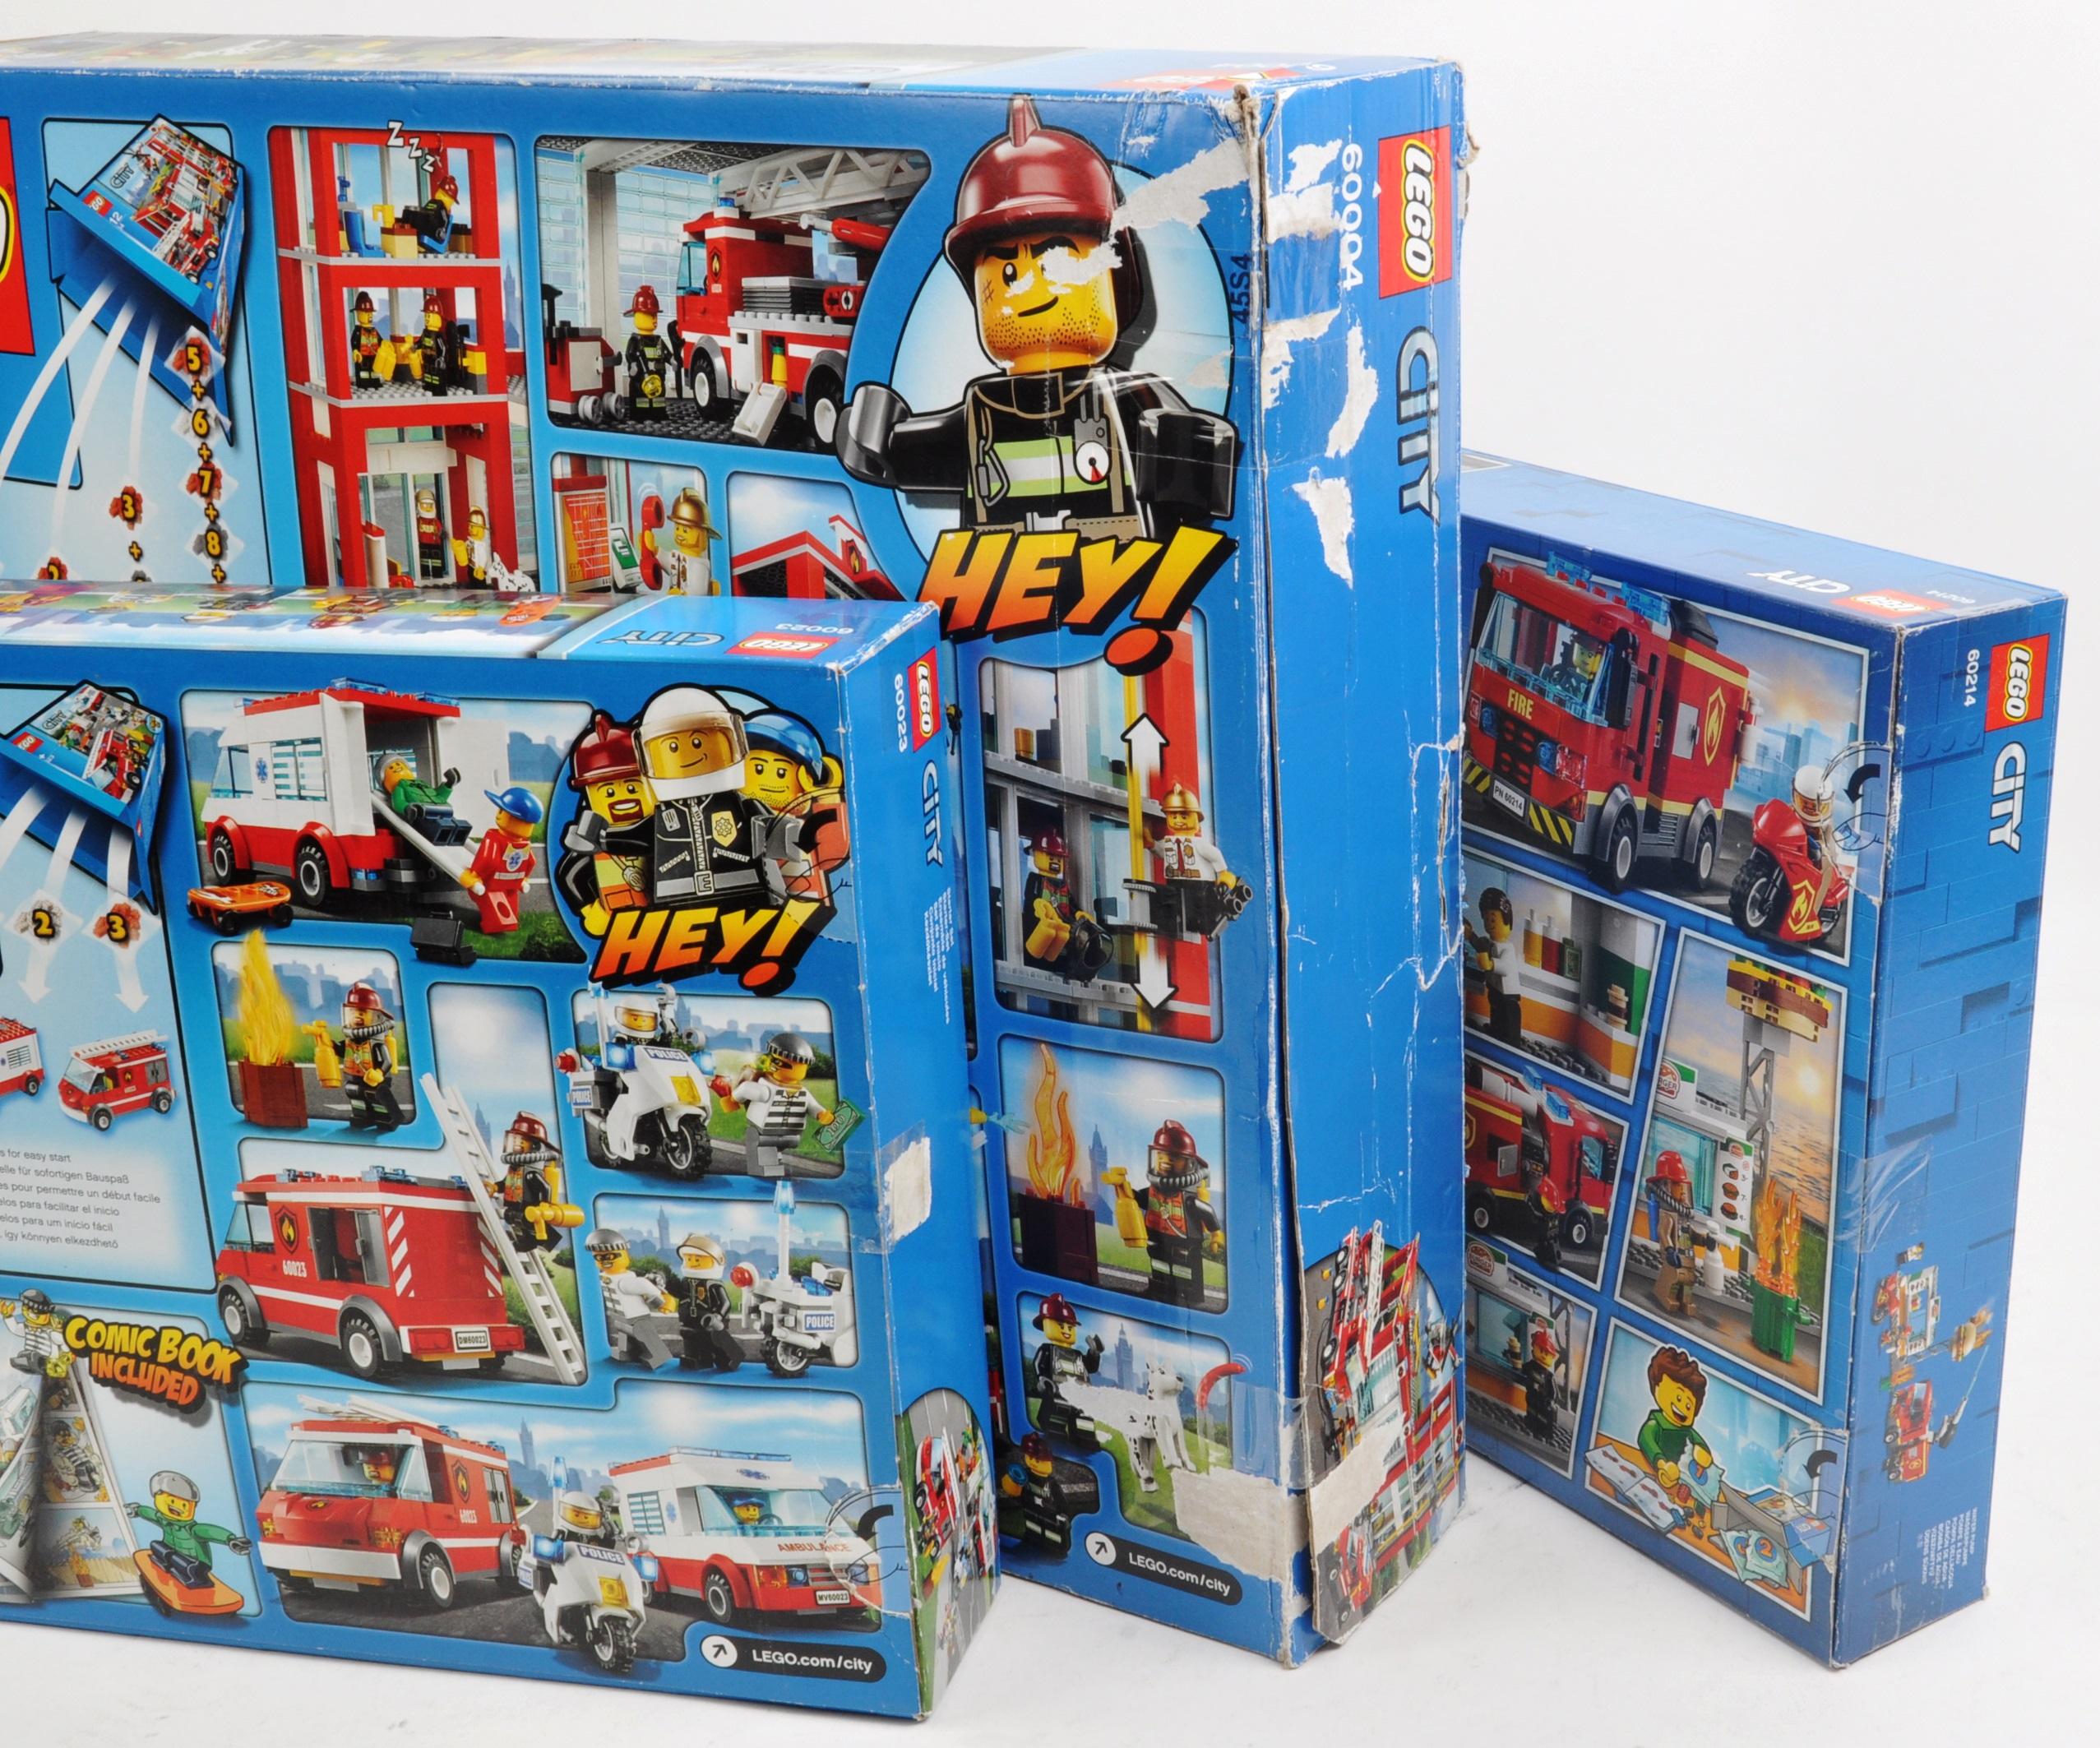 LEGO SETS - LEGO CITY - 60004 / 60214 / 60023 - Image 3 of 3